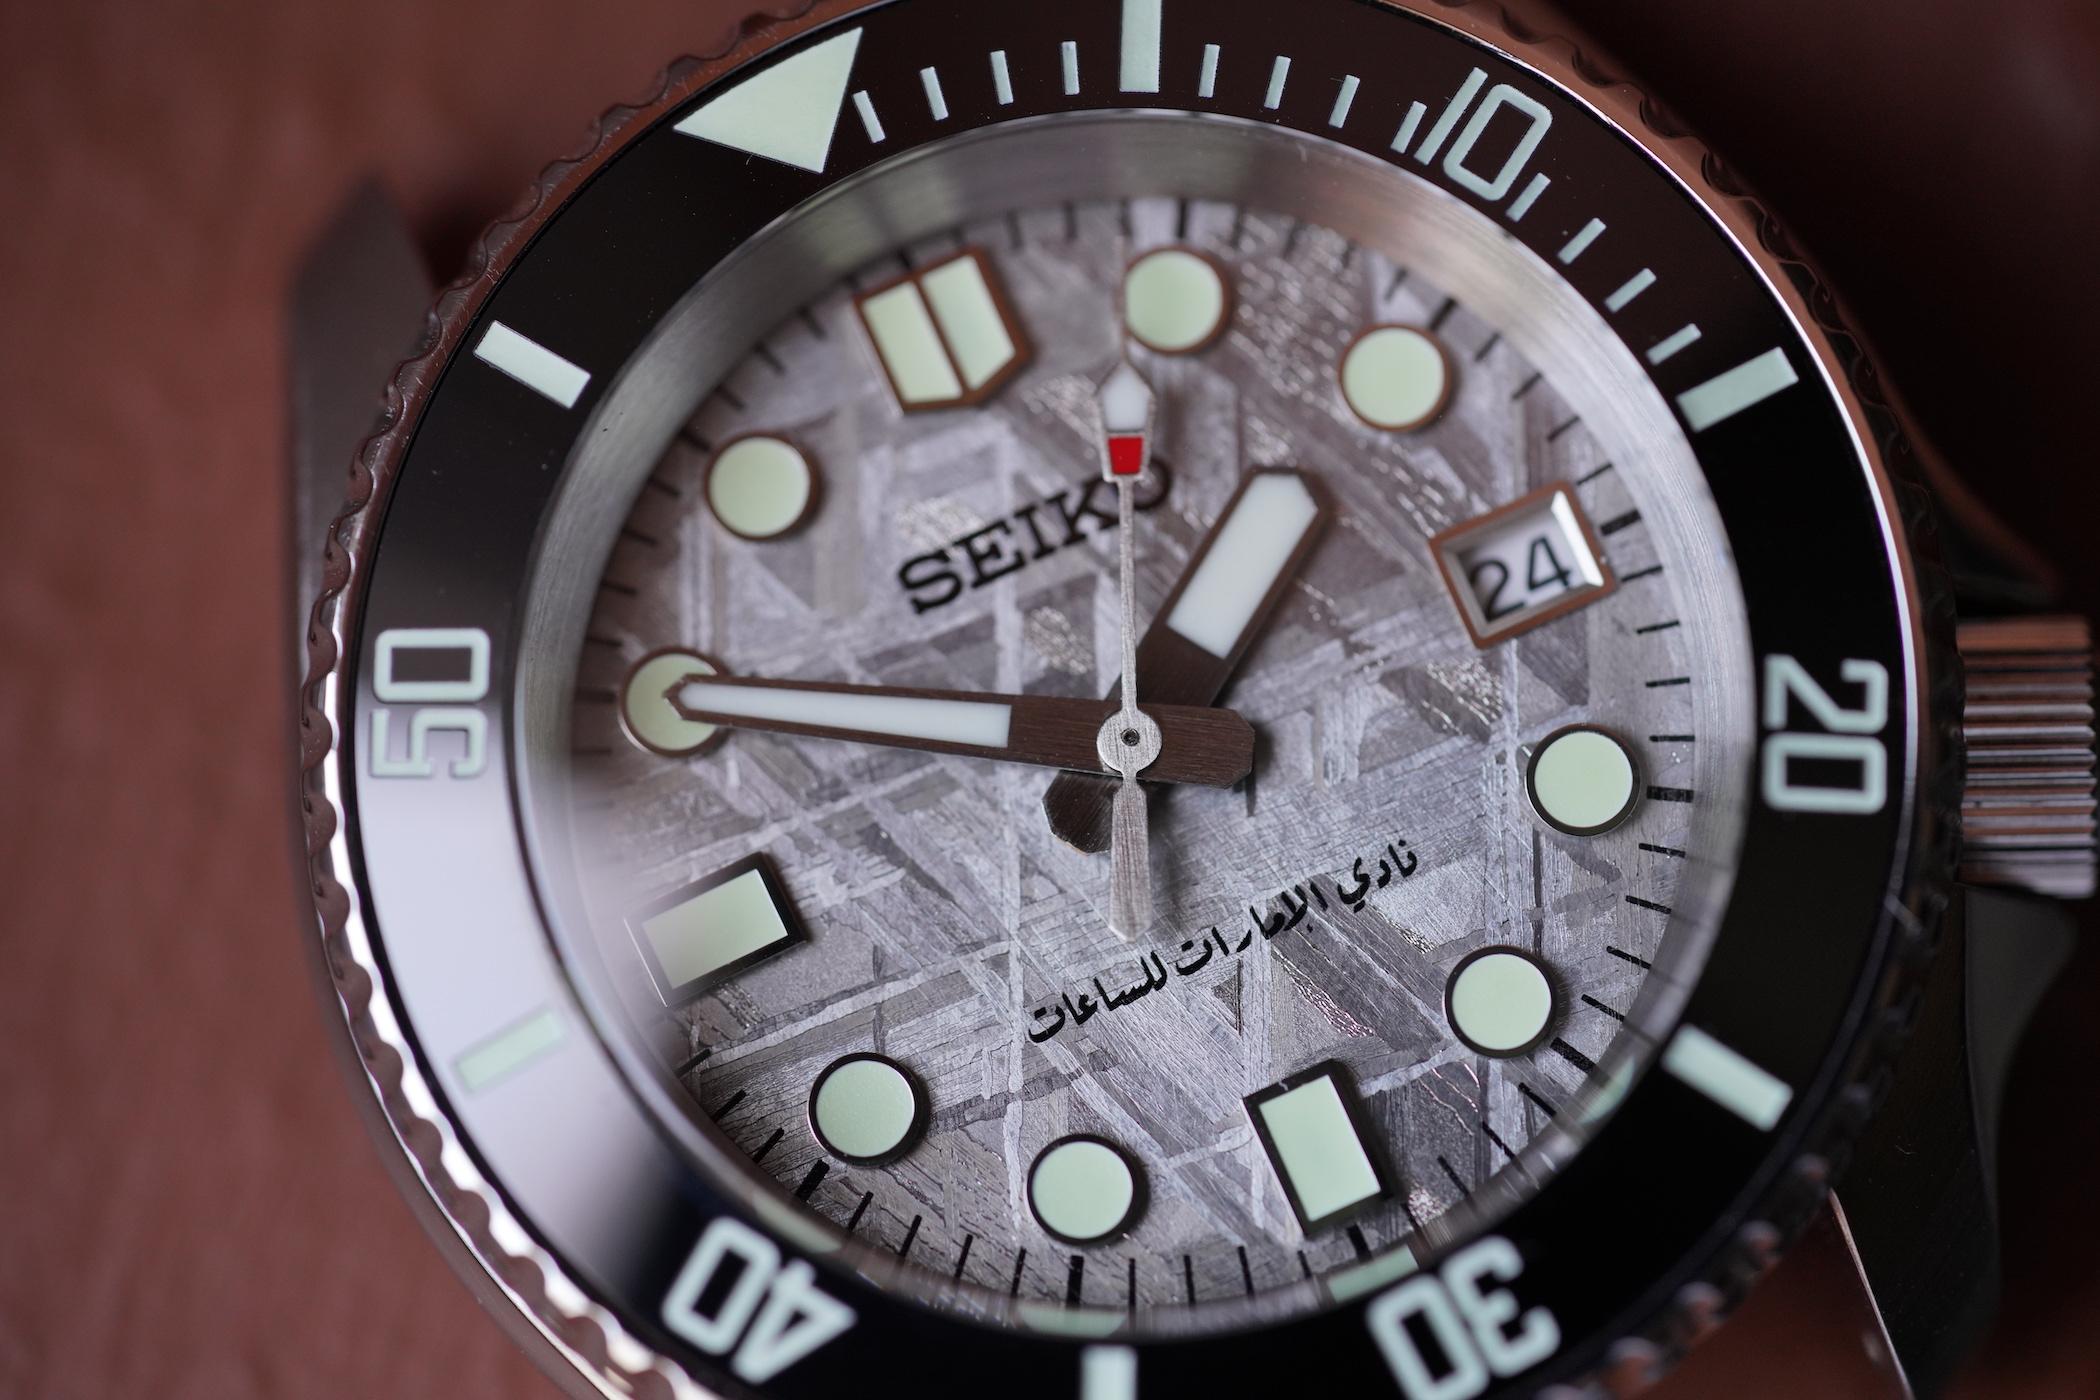 SeikoMod Emirates Watch Club - 1